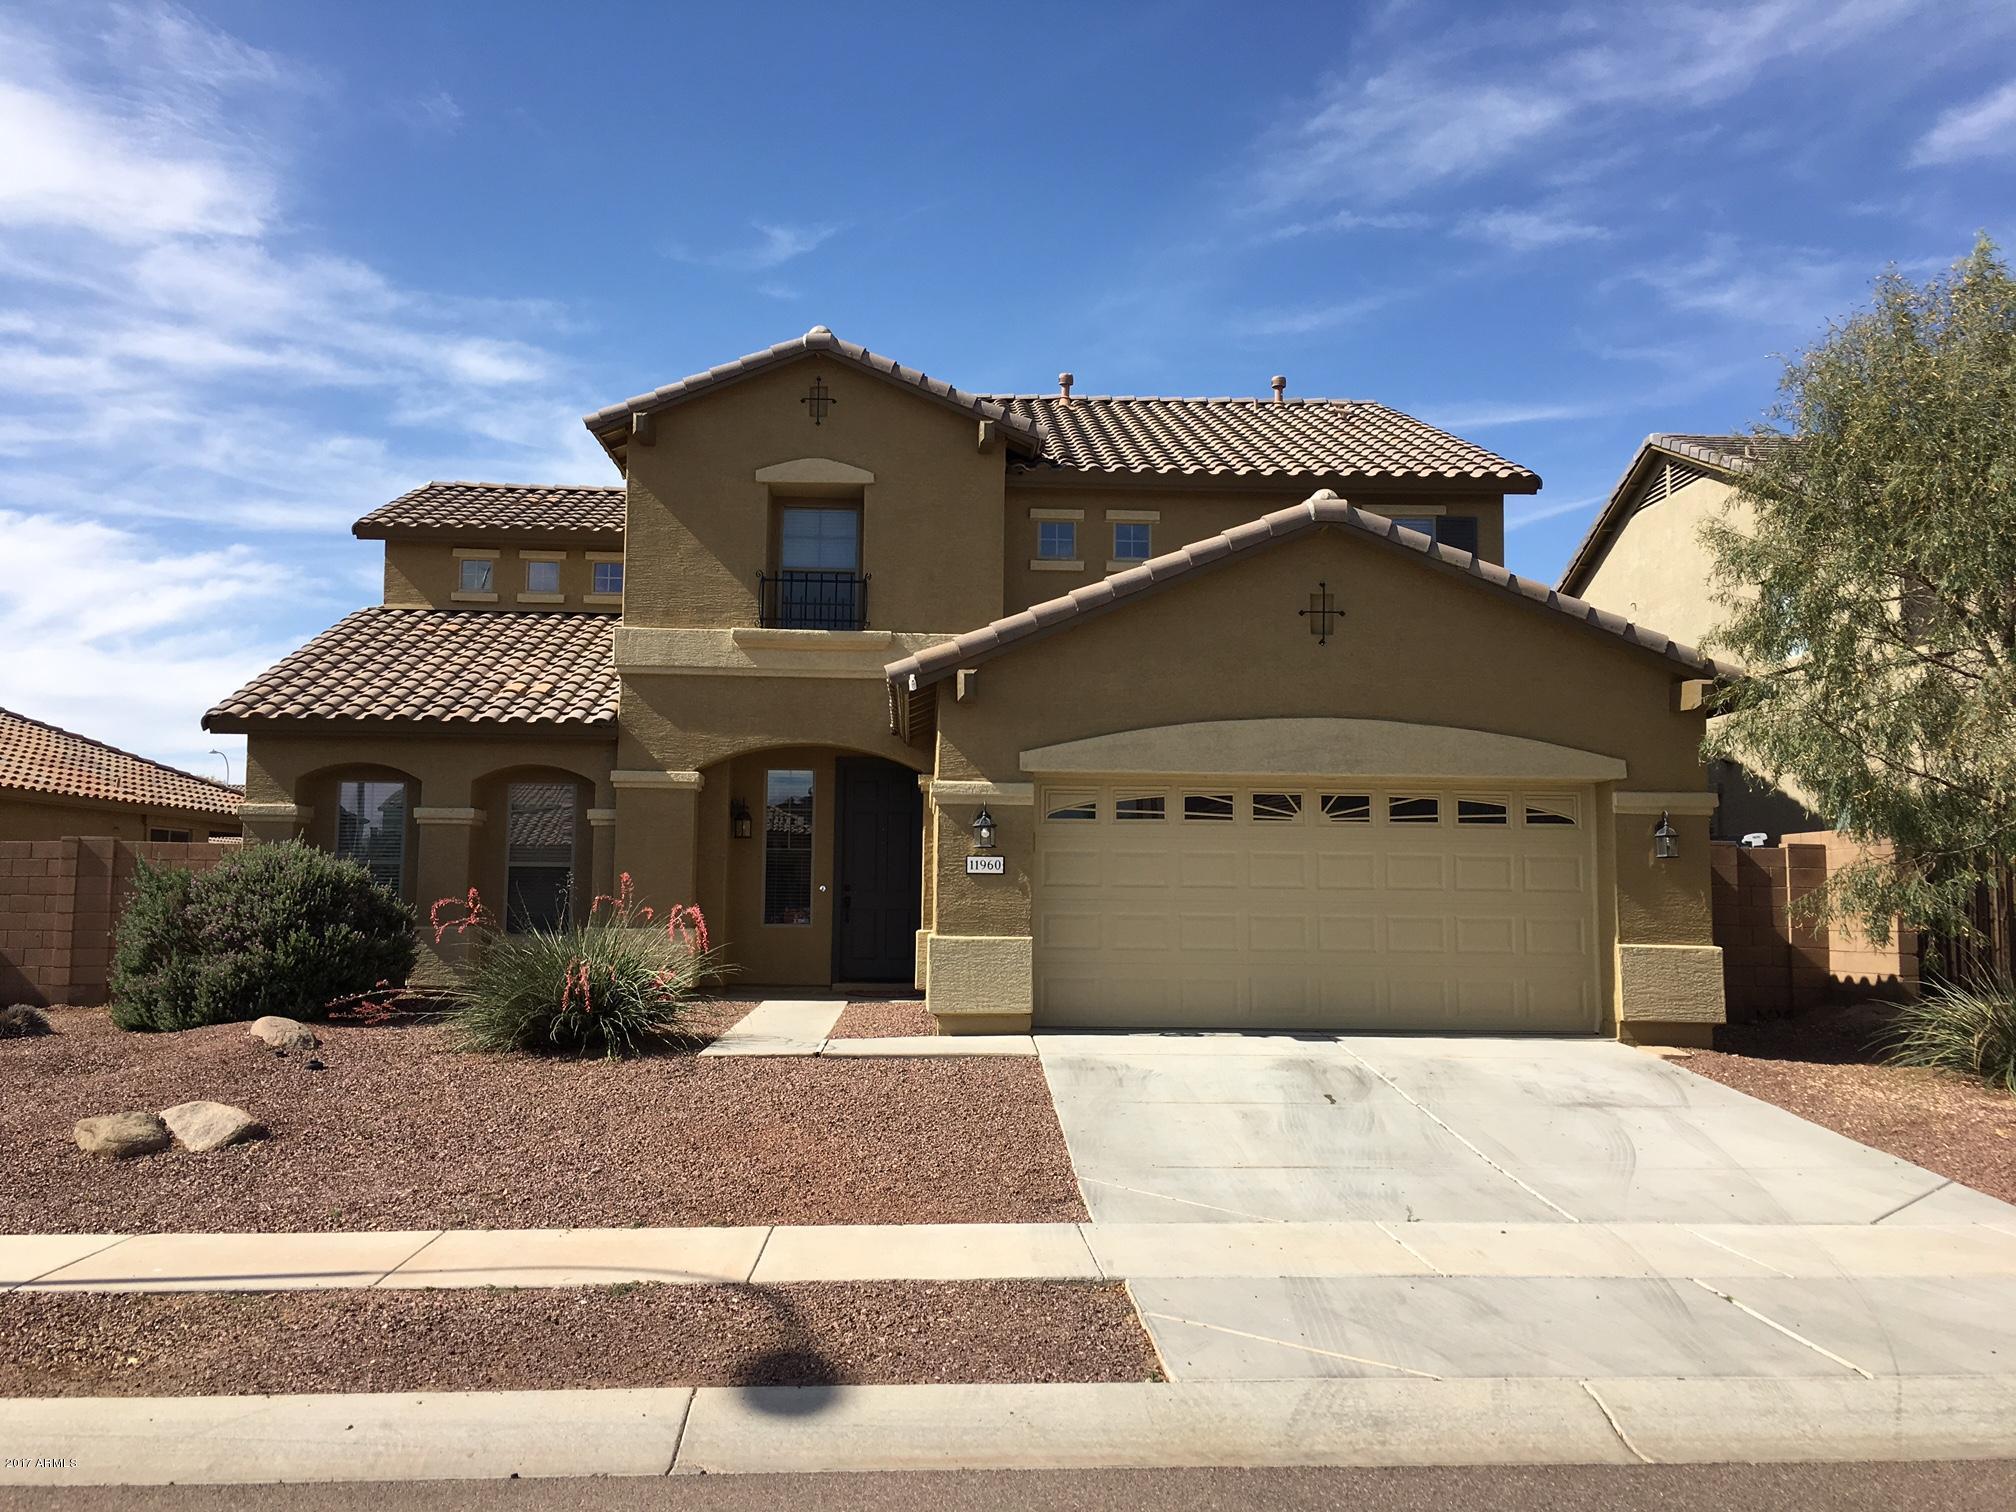 MLS 5999471 11960 W SHERIDAN Street, Avondale, AZ 85392 Avondale Homes for Rent